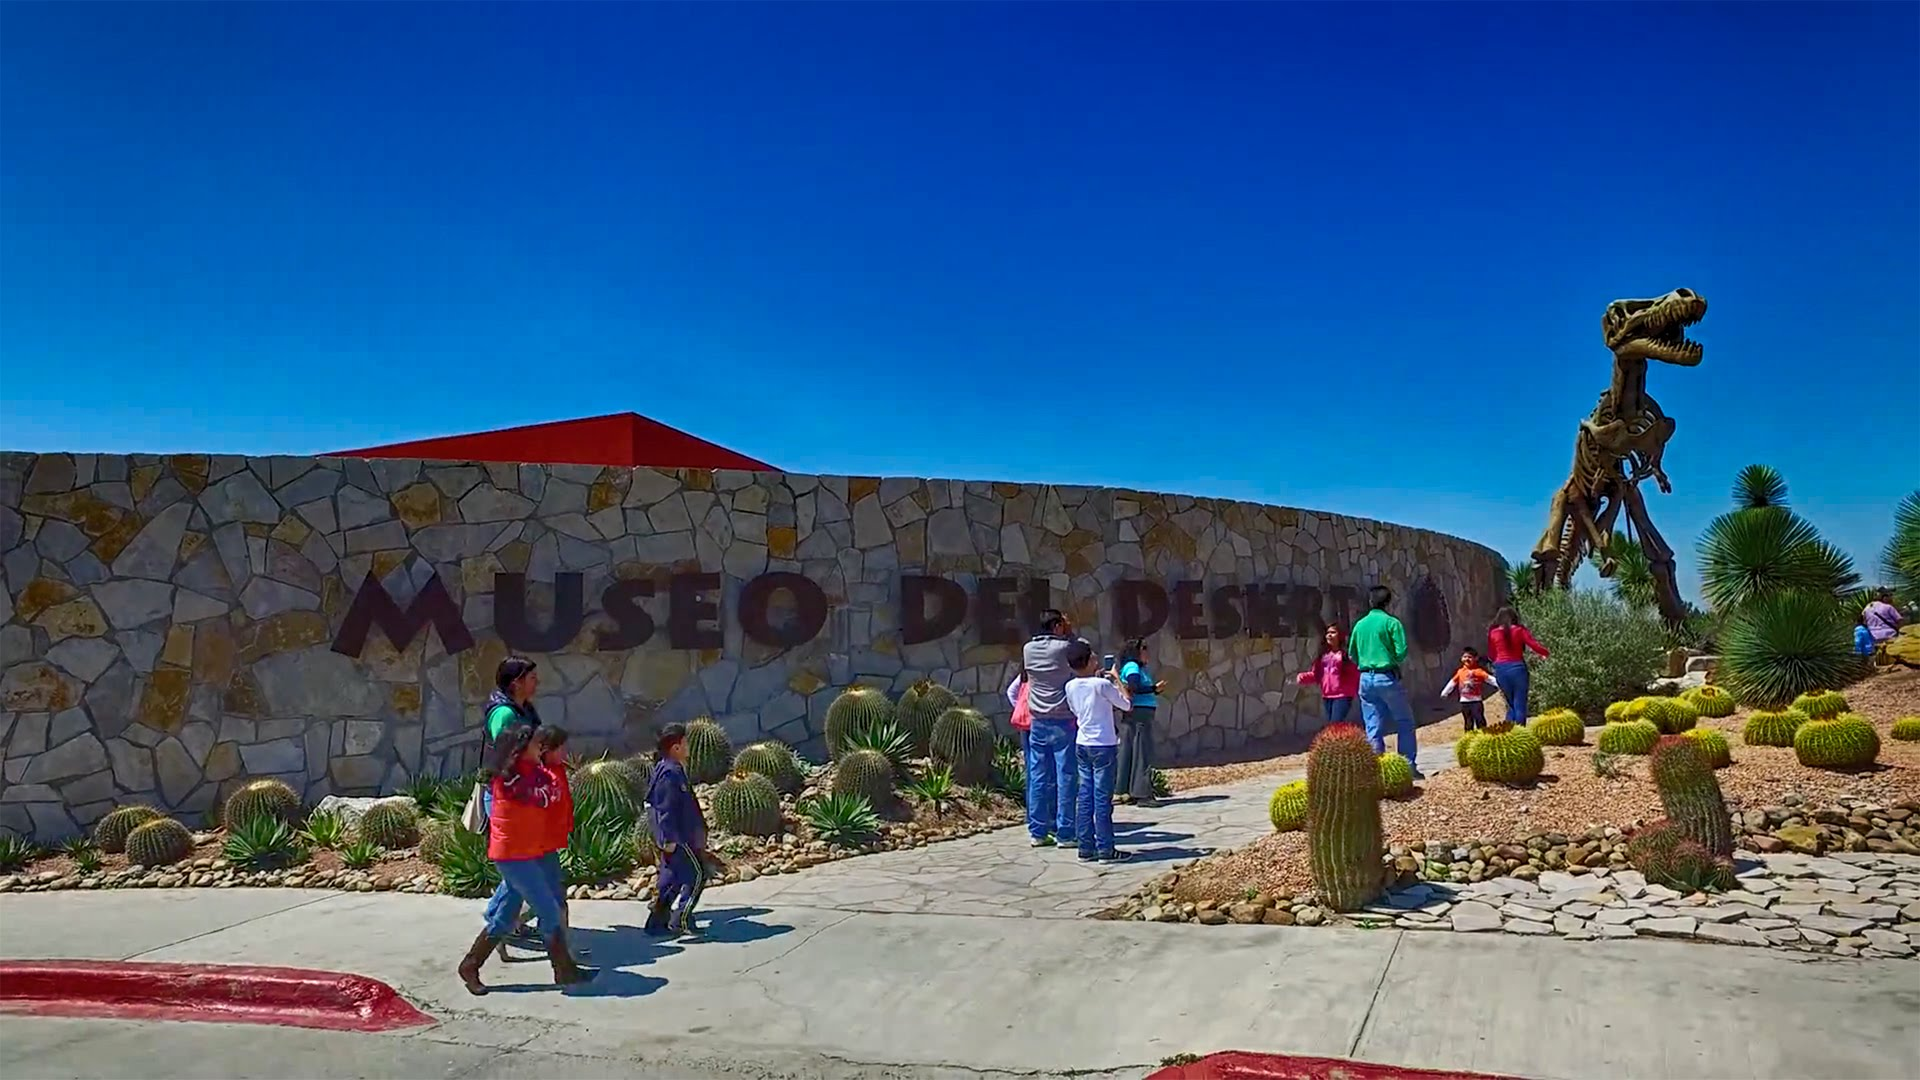 Museo del Desierto - Coahuila